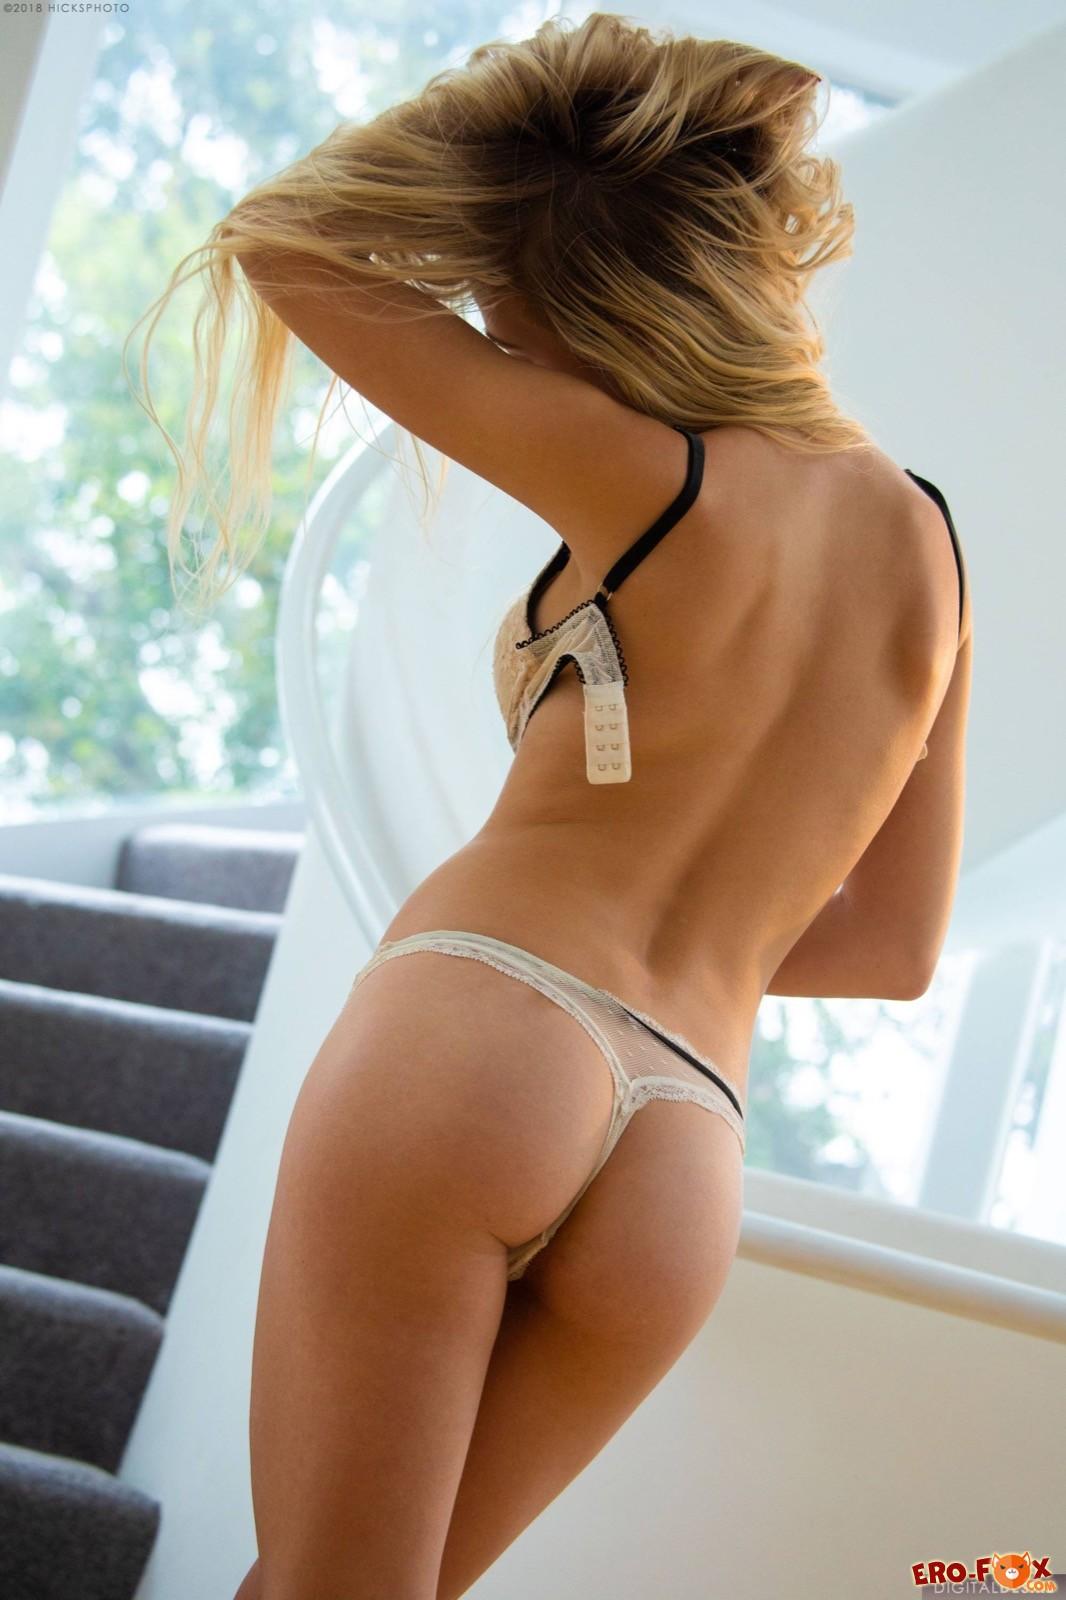 Красивая блондинка снимает трусики и лифчик - фото